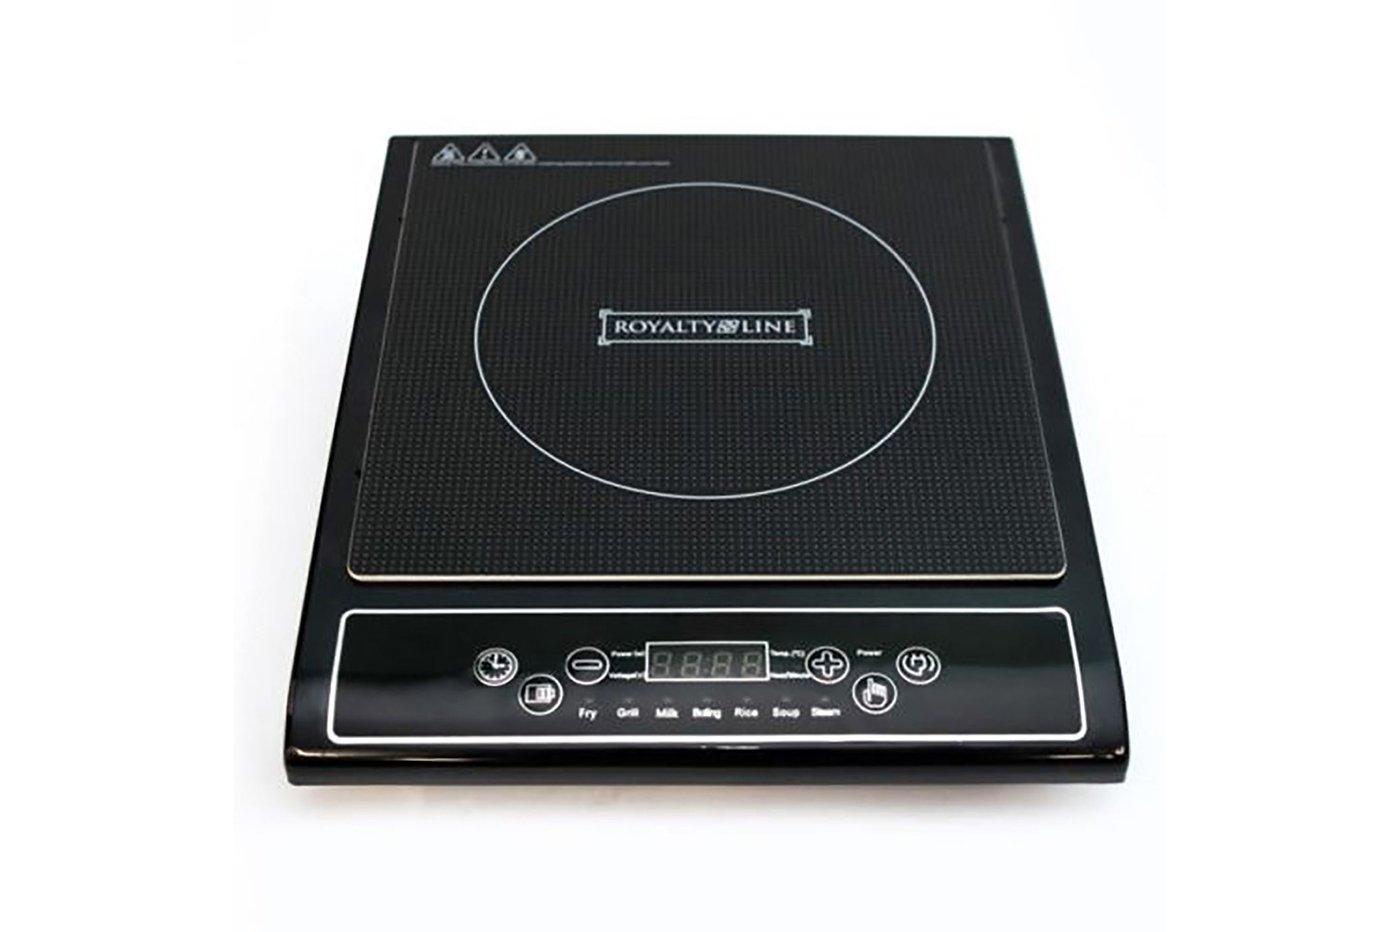 Fornello piastra a induzione royalty line eip 2000 1 - Fornello ad induzione portatile ...